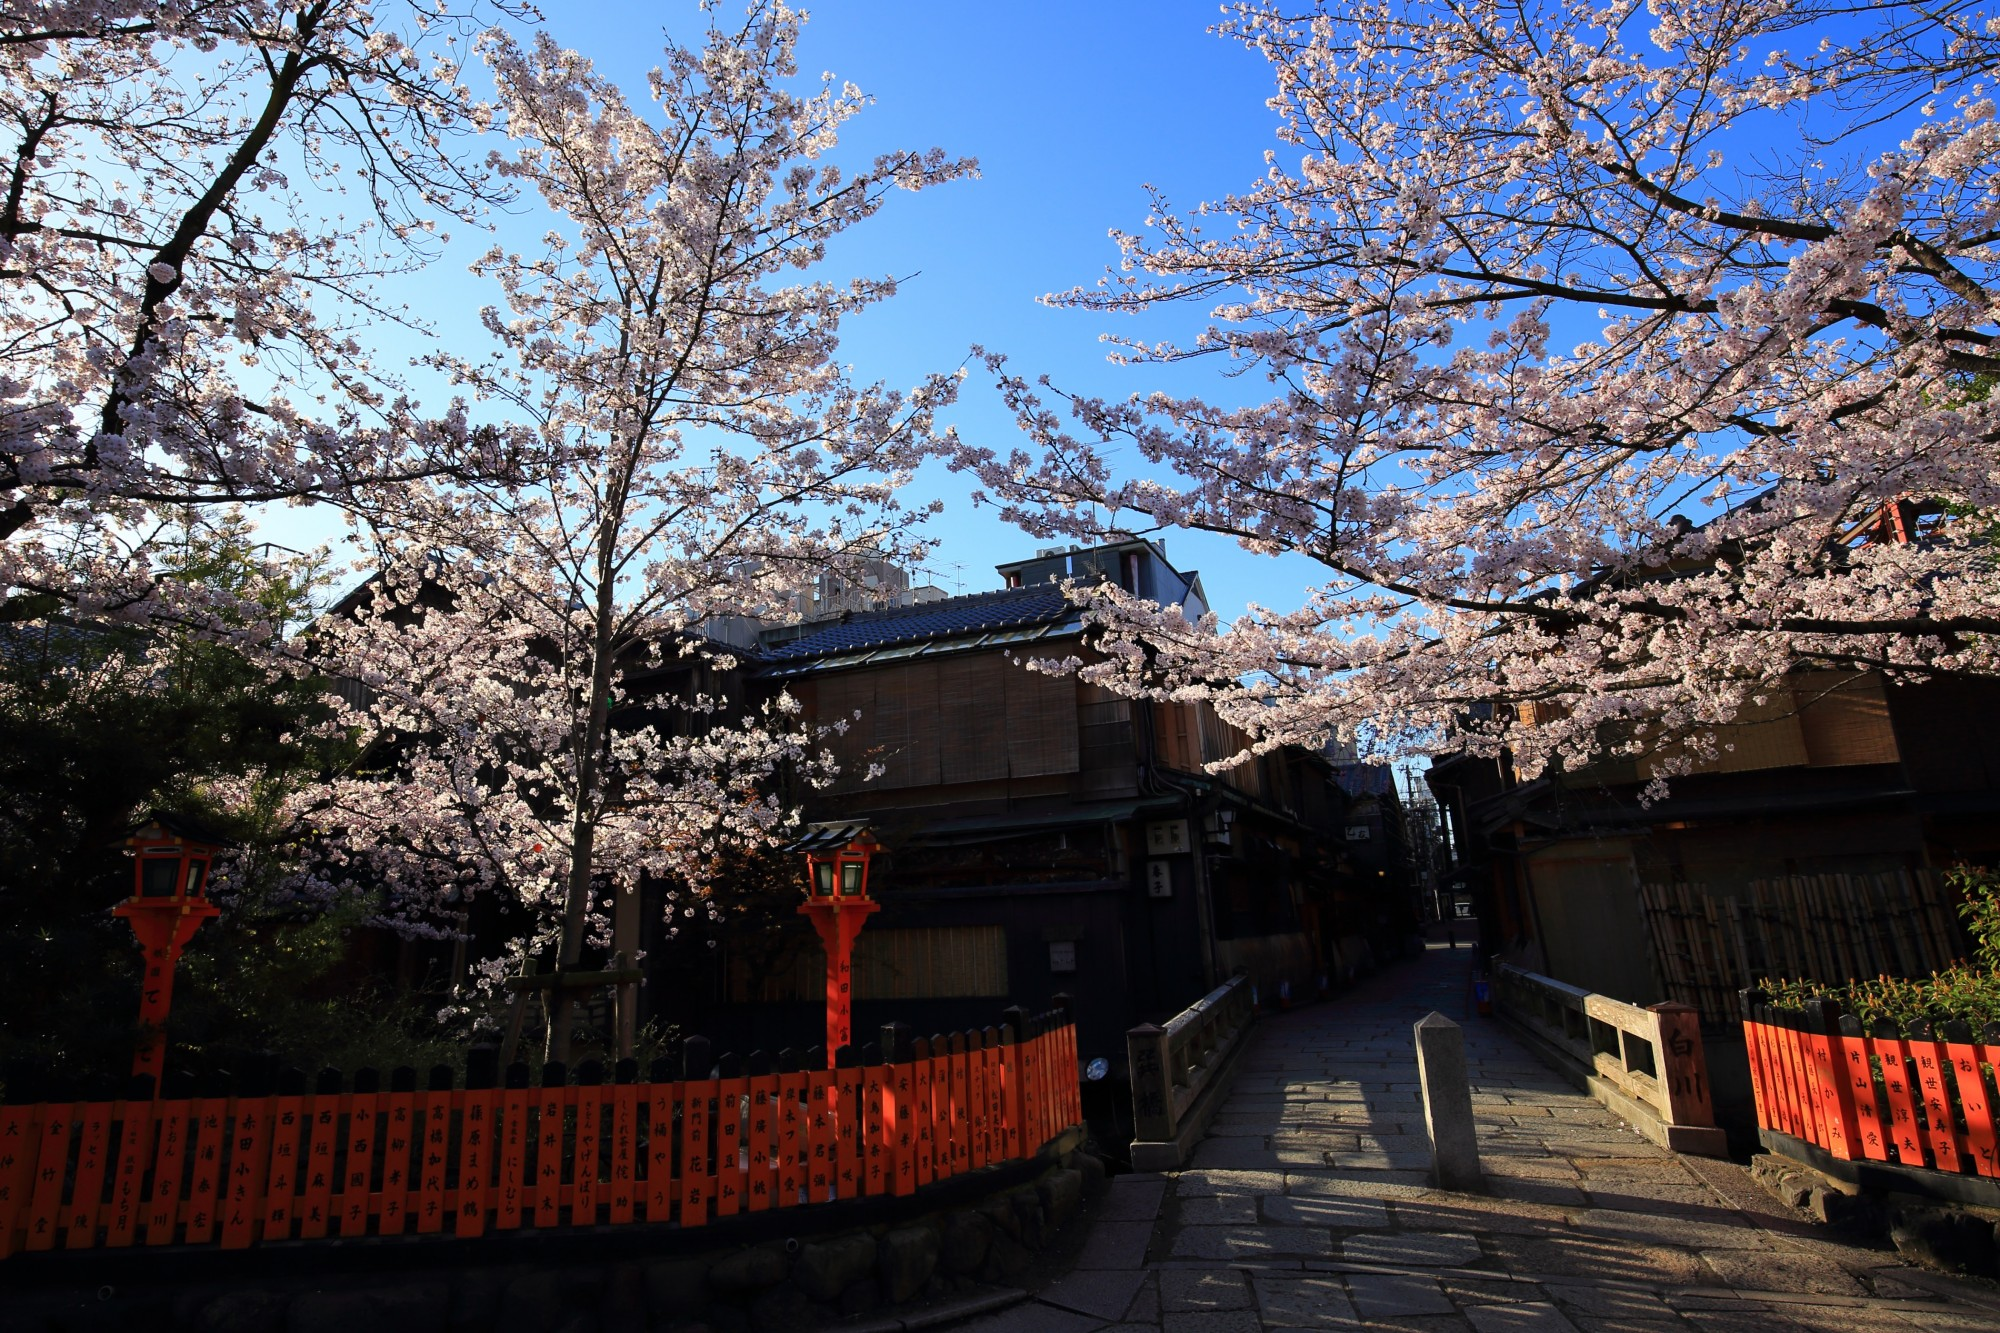 古風な街並みと咲き誇る華やかな桜